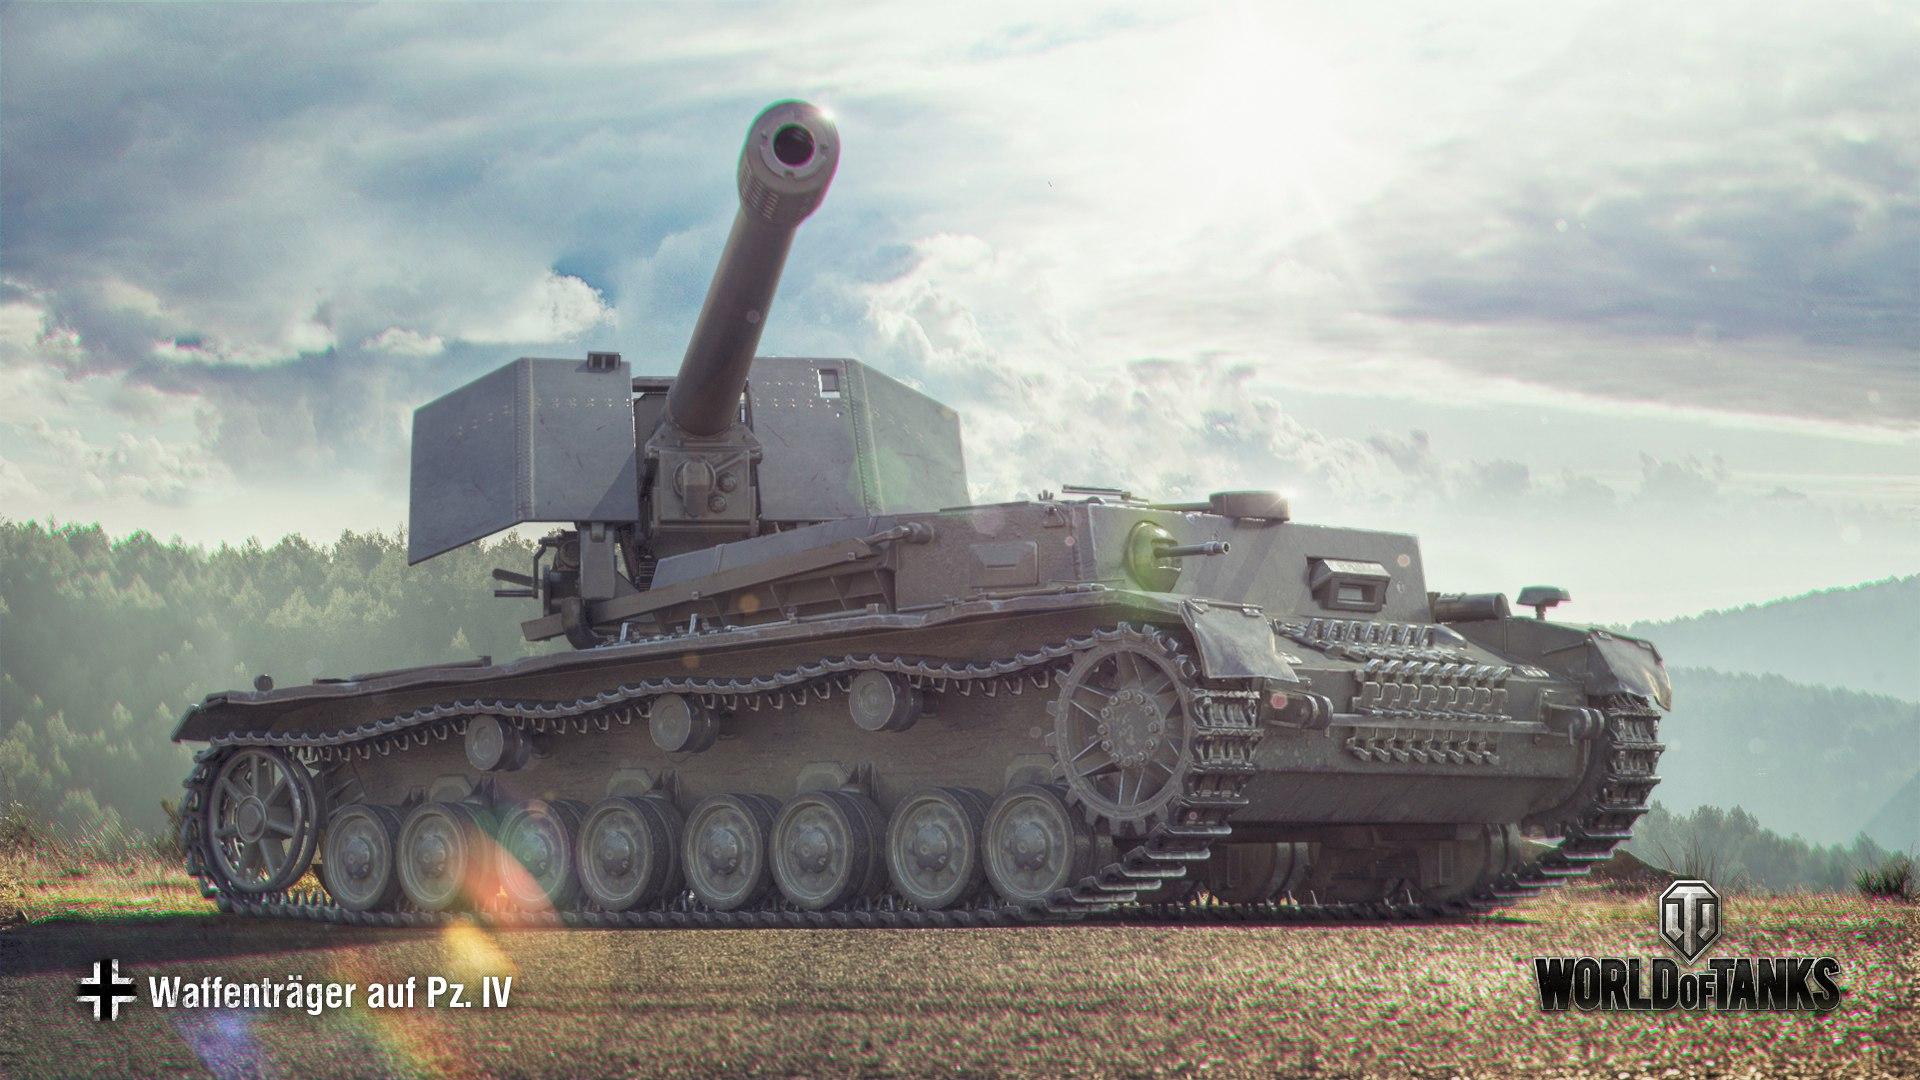 рисунок Waffenträger auf Pz. IV